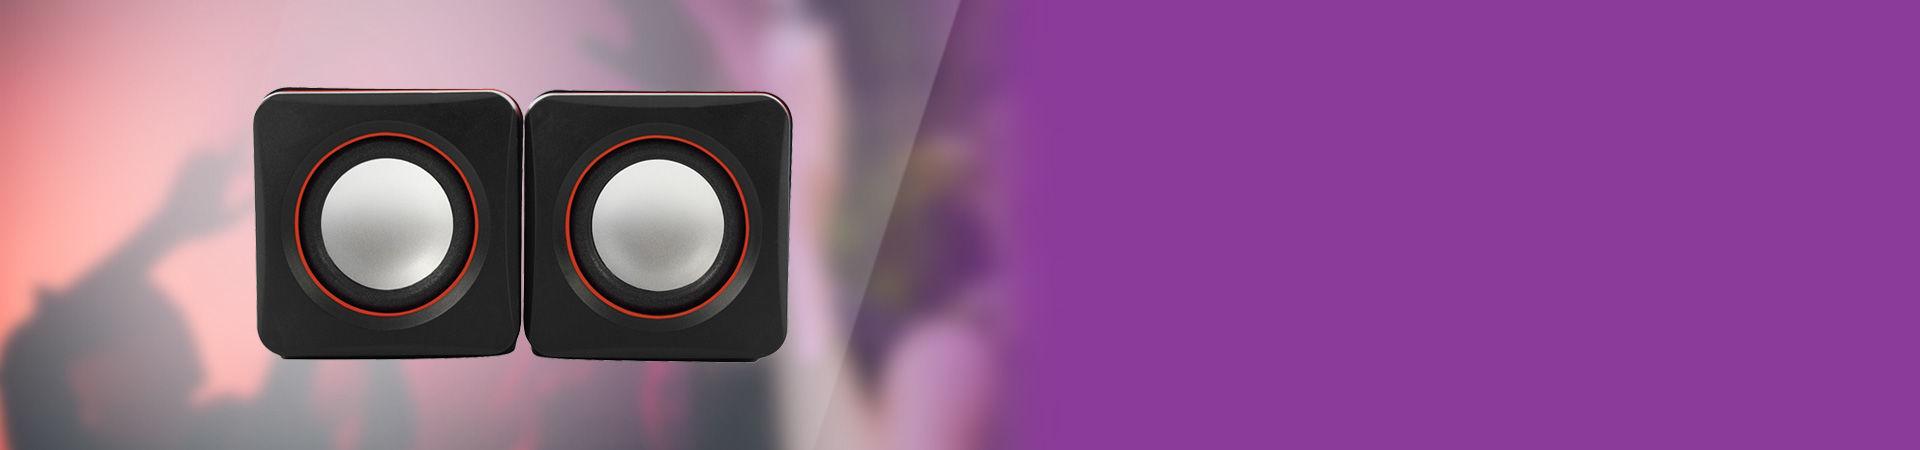 Kompakt tasarıma sahip 1+1 mini USB hoparlör ile yüksek ses, güçlü performans her yerde seninle!